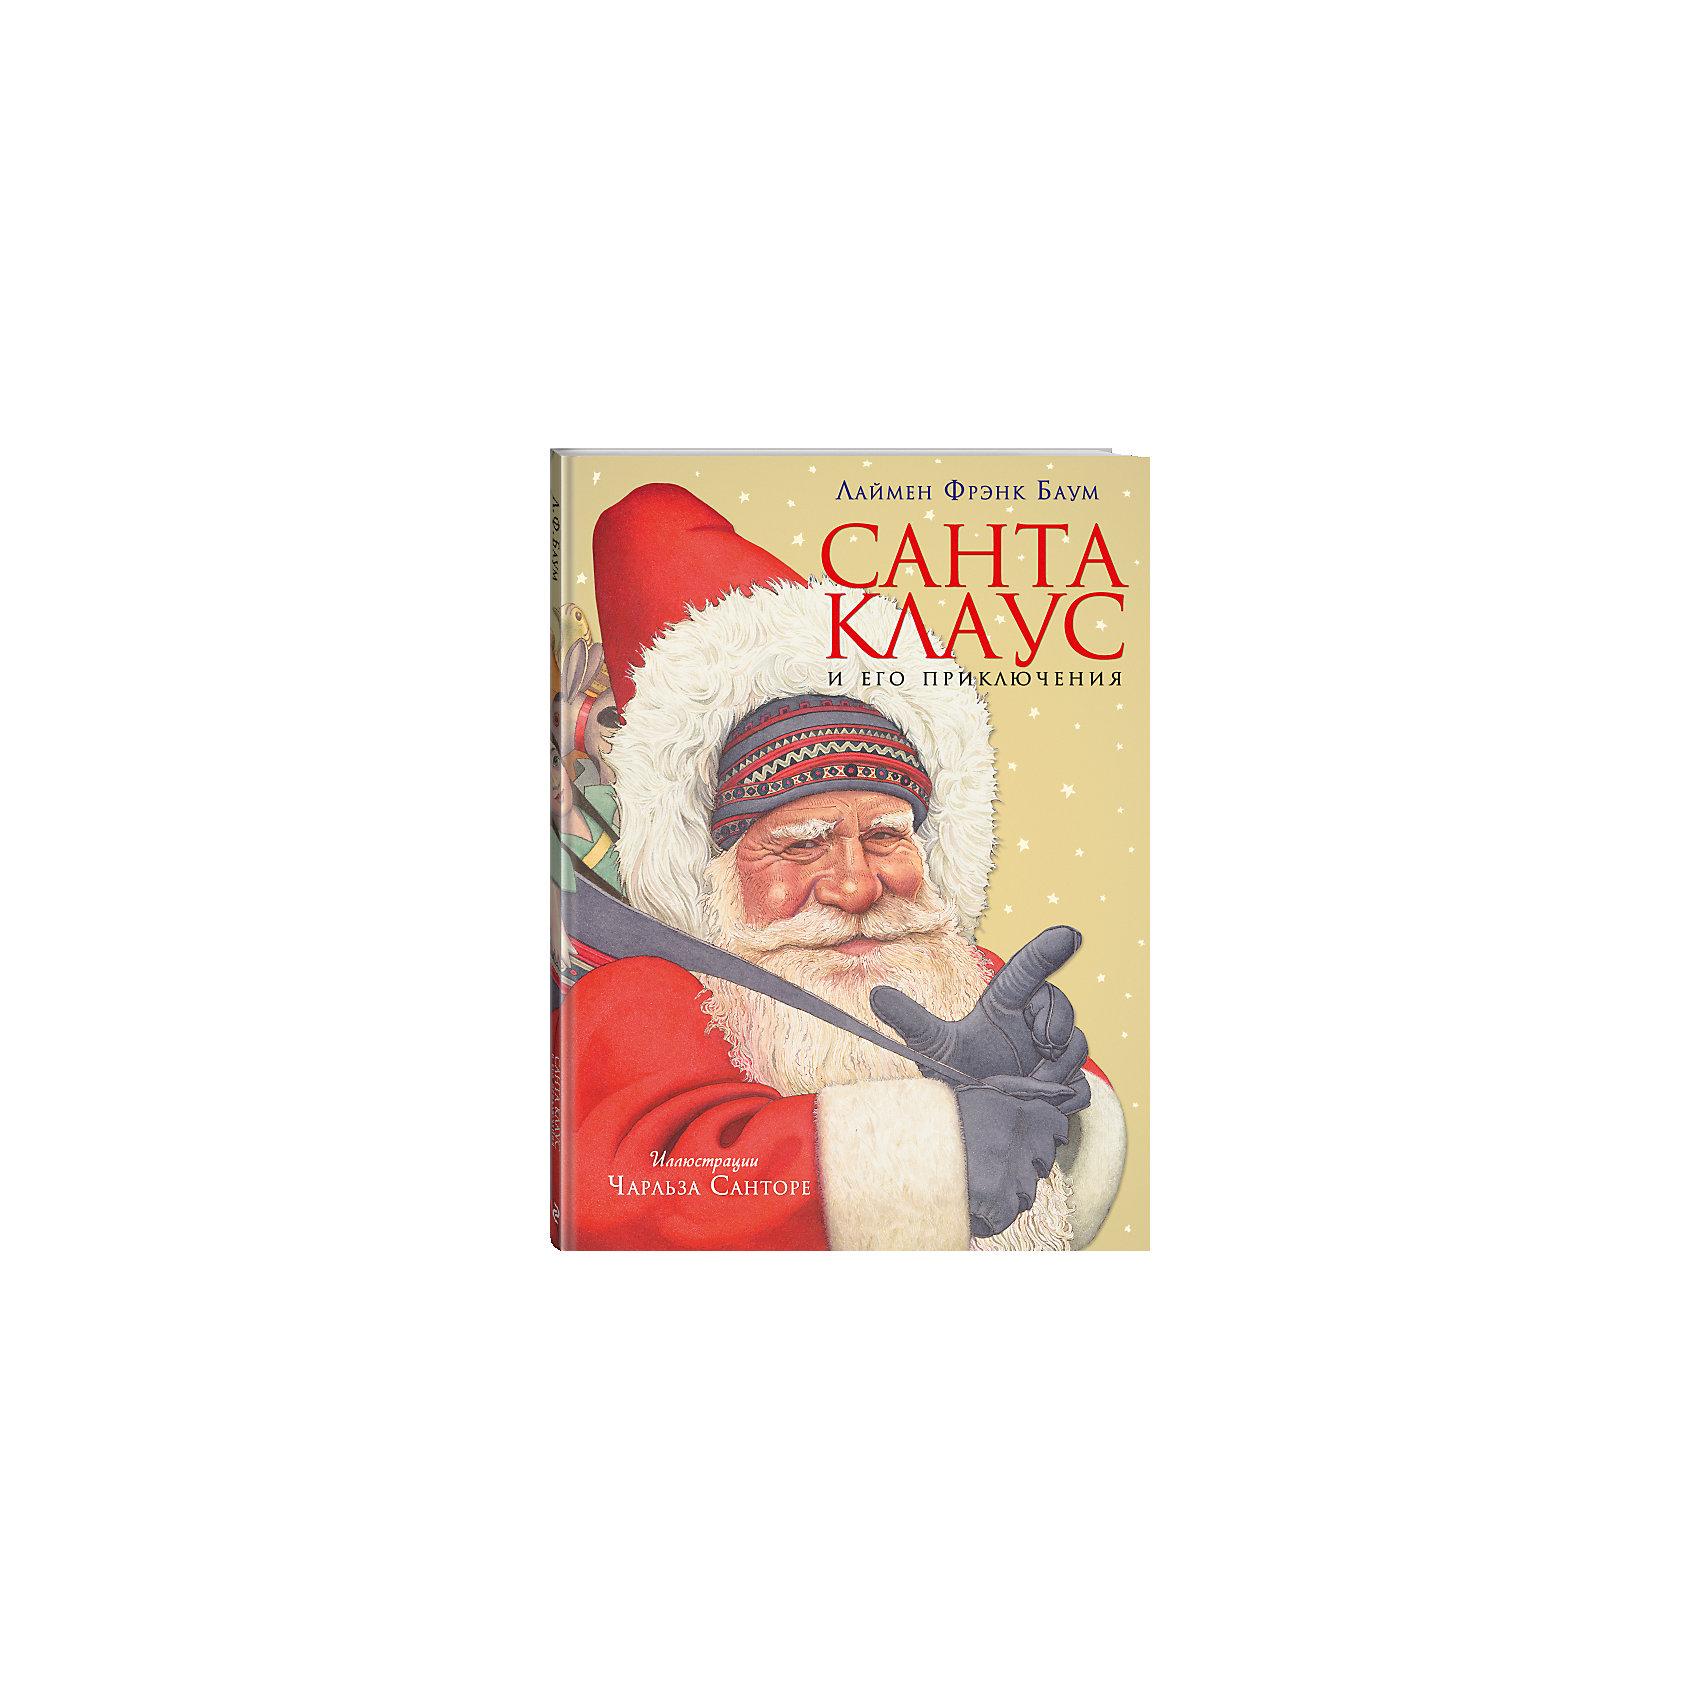 Санта Клаус и его приключения, Л.Ф. БаумНовогодние книги<br>Санта Клаус и его приключения, Л.Ф.Баум – это сказочная история о жизни Санта Клауса с волнующими и захватывающими иллюстрациями.<br>У всех сказок есть начало, в том числе и у самой известной рождественской истории. О том, как появился на свет Санта Клаус, о его жизни в волшебном лесу, о добрых нимфах и злых  сказочных существах, о помощниках-оленях и об истоках традиции дарить детям подарки на Рождество, вы узнаете из этой книги. Книга великолепно иллюстрирована Чарльзом Санторе—одним из самых прекрасных американских художников, работающих с детской литературой. Для чтения взрослыми детям.<br><br>Дополнительная информация:<br><br>- Автор: Баум Лаймен Фрэнк<br>- Художник: Санторе Чарльз<br>- Переводчик: Селиверстова Динара<br>- Издательство: Эксмо, 2015 г.<br>- Серия: Золотые сказки для детей<br>- Тип обложки: 7Б - твердая (плотная бумага или картон)<br>- Оформление: частичная лакировка<br>- Иллюстрации: цветные<br>- Количество страниц: 56 (мелованная)<br>- Размер: 333x248x12 мм.<br>- Вес: 658 гр.<br><br>Книгу Санта Клаус и его приключения, Л.Ф.Баум можно купить в нашем интернет-магазине.<br><br>Ширина мм: 333<br>Глубина мм: 248<br>Высота мм: 12<br>Вес г: 660<br>Возраст от месяцев: 72<br>Возраст до месяцев: 144<br>Пол: Унисекс<br>Возраст: Детский<br>SKU: 4355913